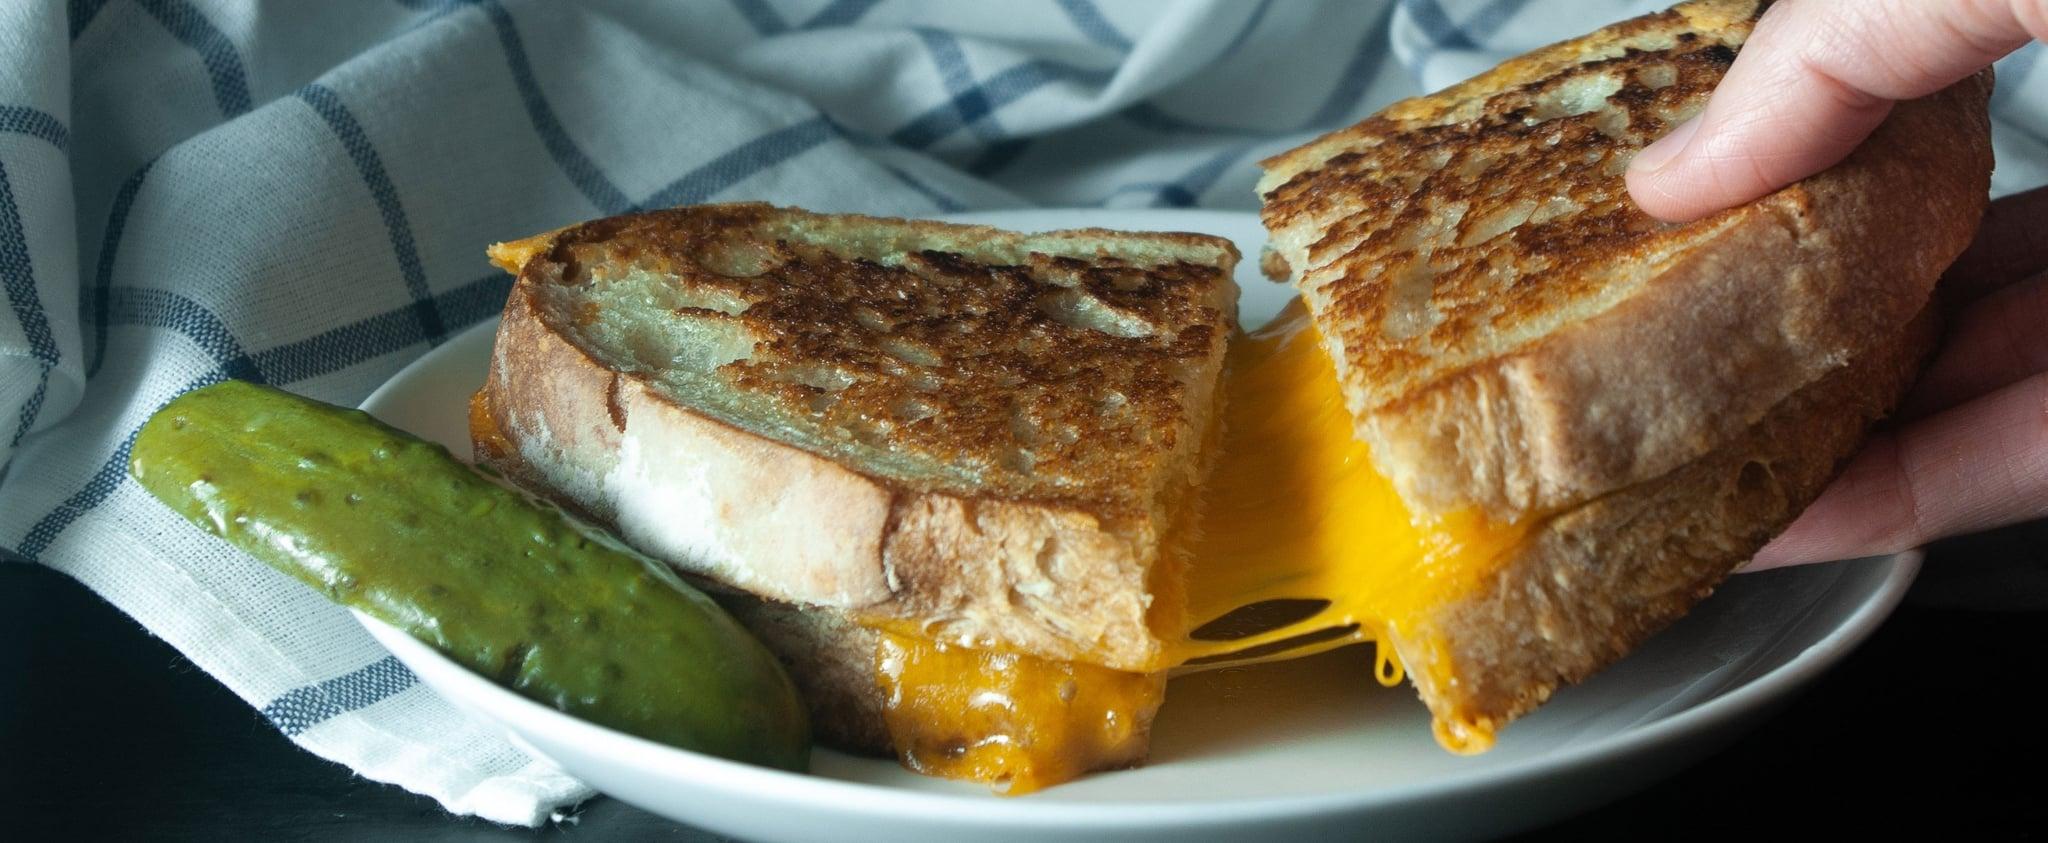 مهرجان شطائر الجبن المشوية في مطعم بيسترو بدبي